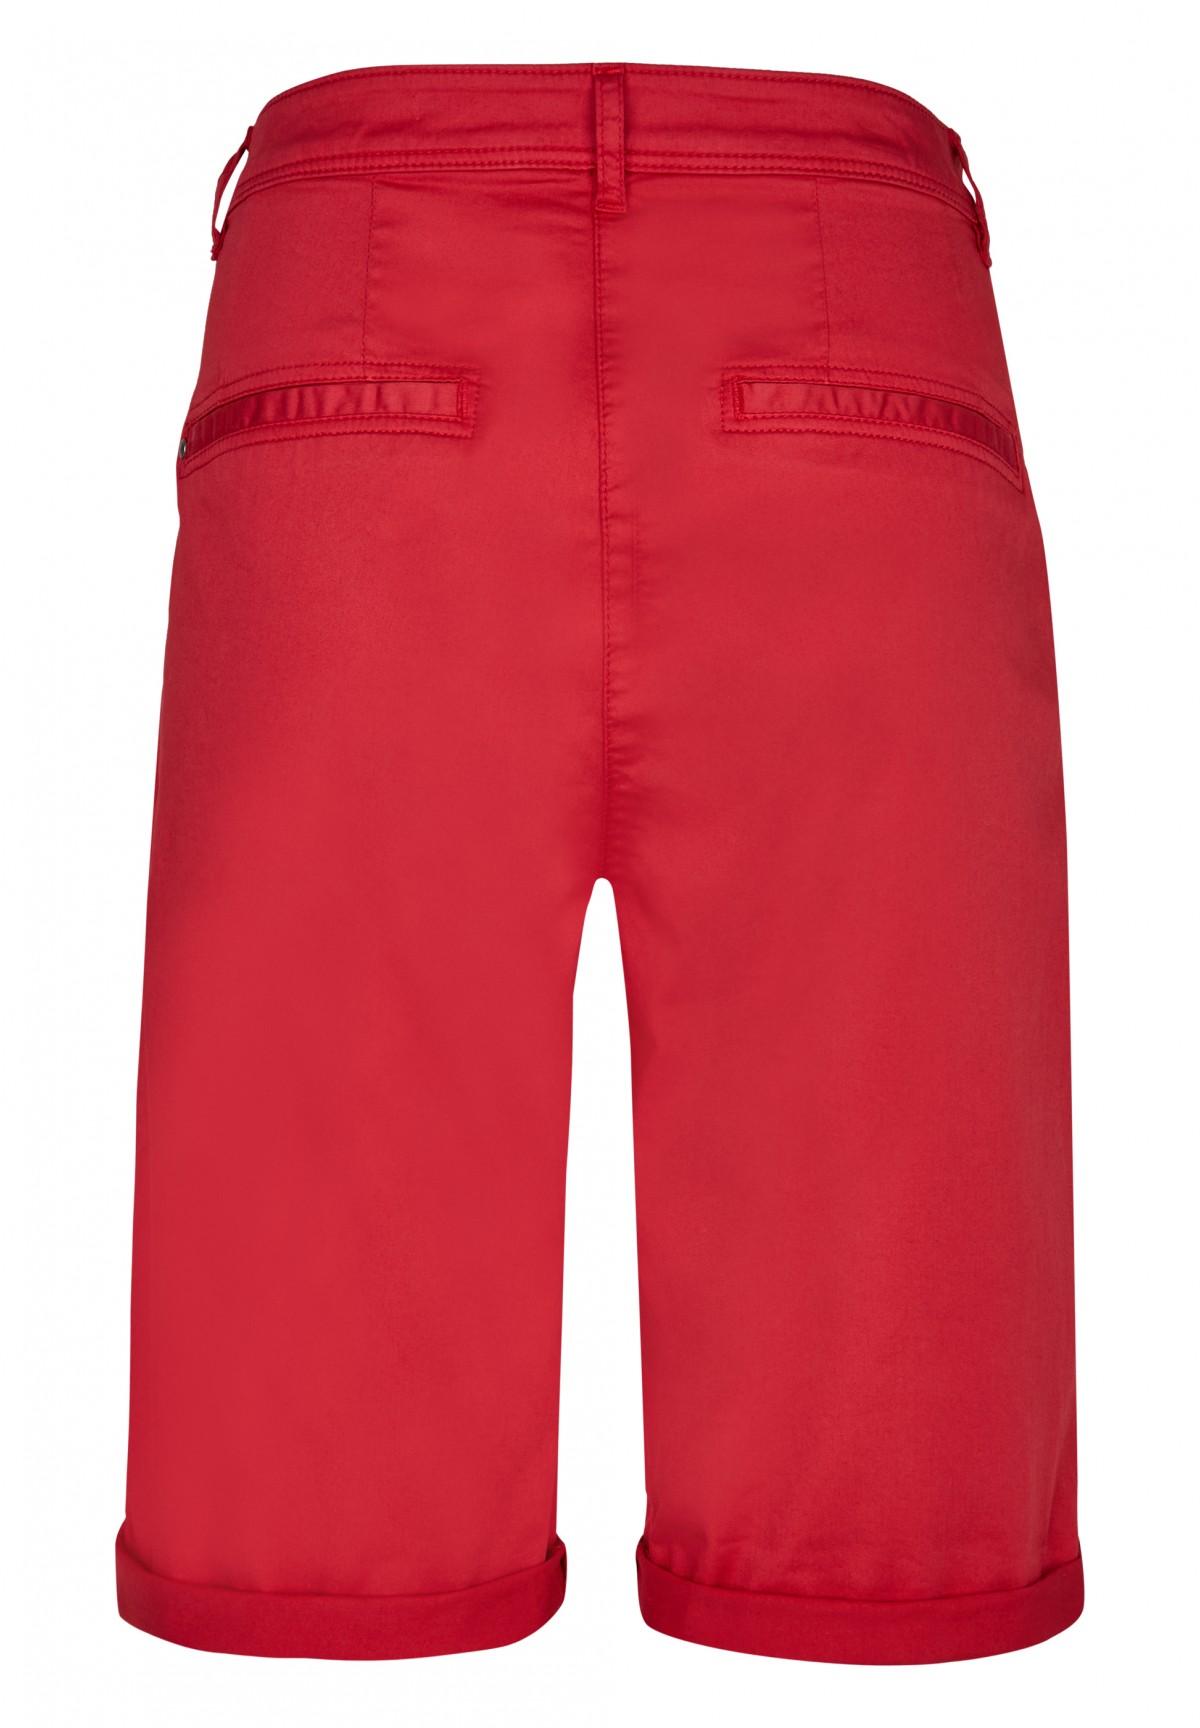 Bermuda 5 poches /